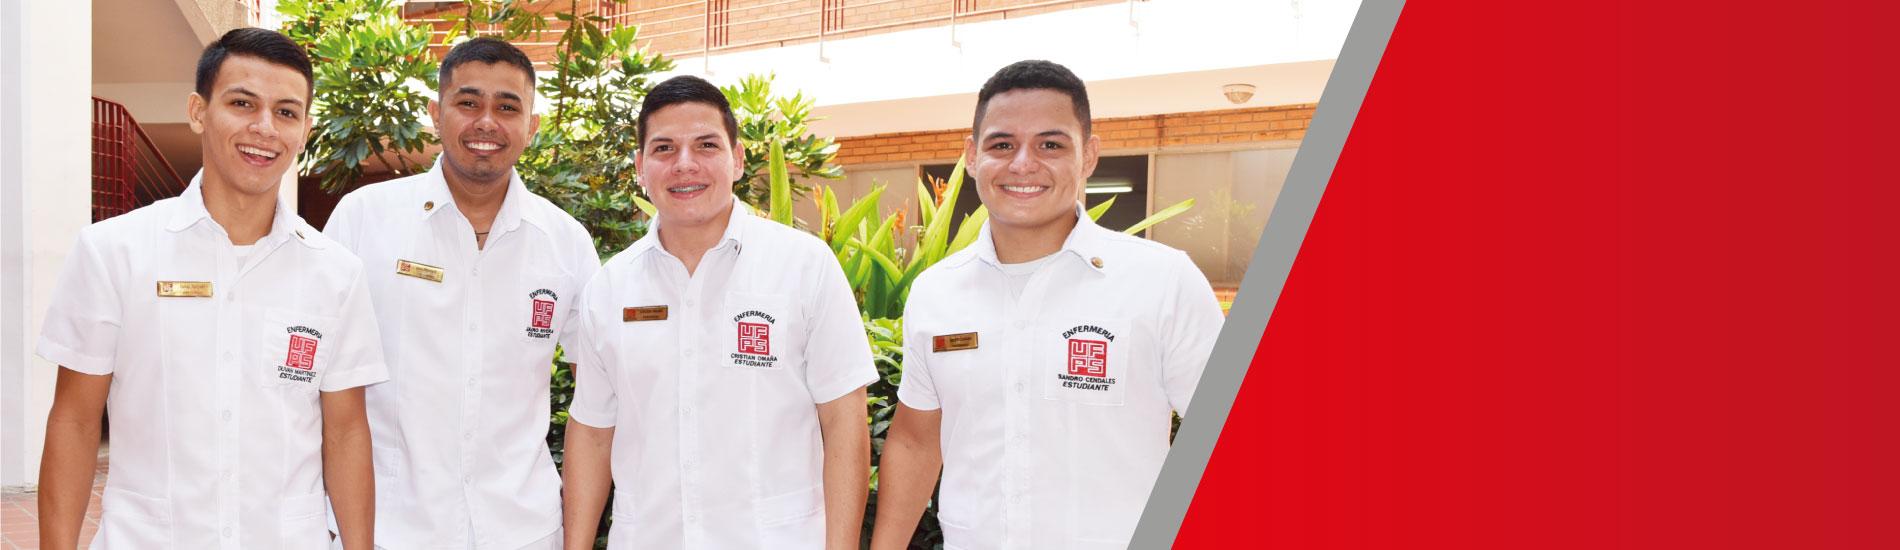 Estudiantes UFPS logran la presidencia de la Asociación Colombiana de Estudiantes de Enfermería - regional Santanderes